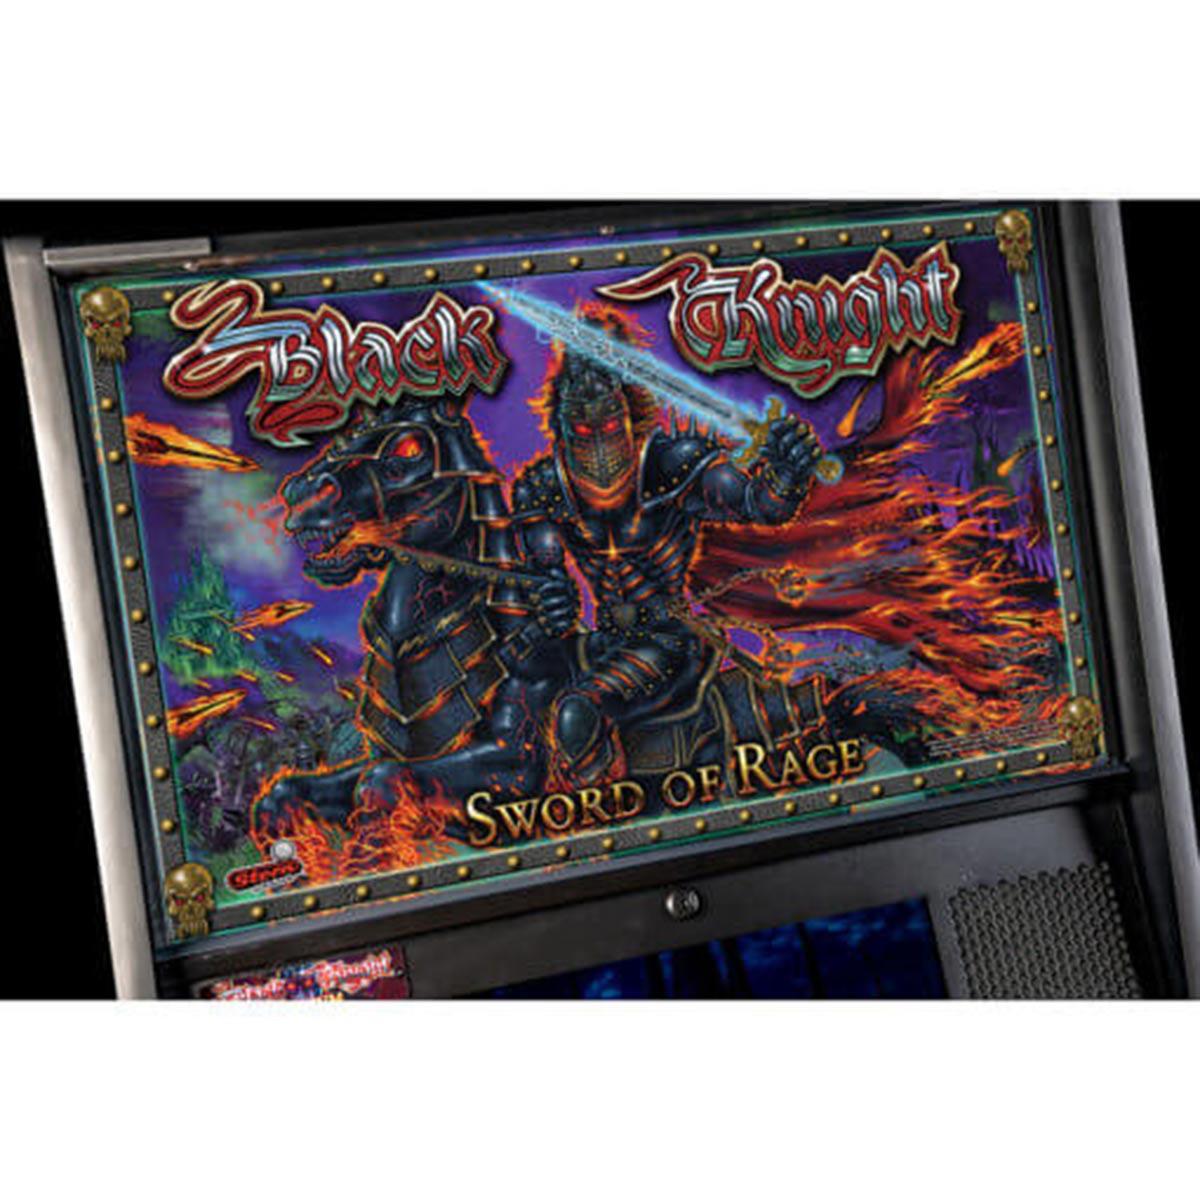 Ultimate Pinball Black Knight - Sword of Rage Premium Pinball Machine